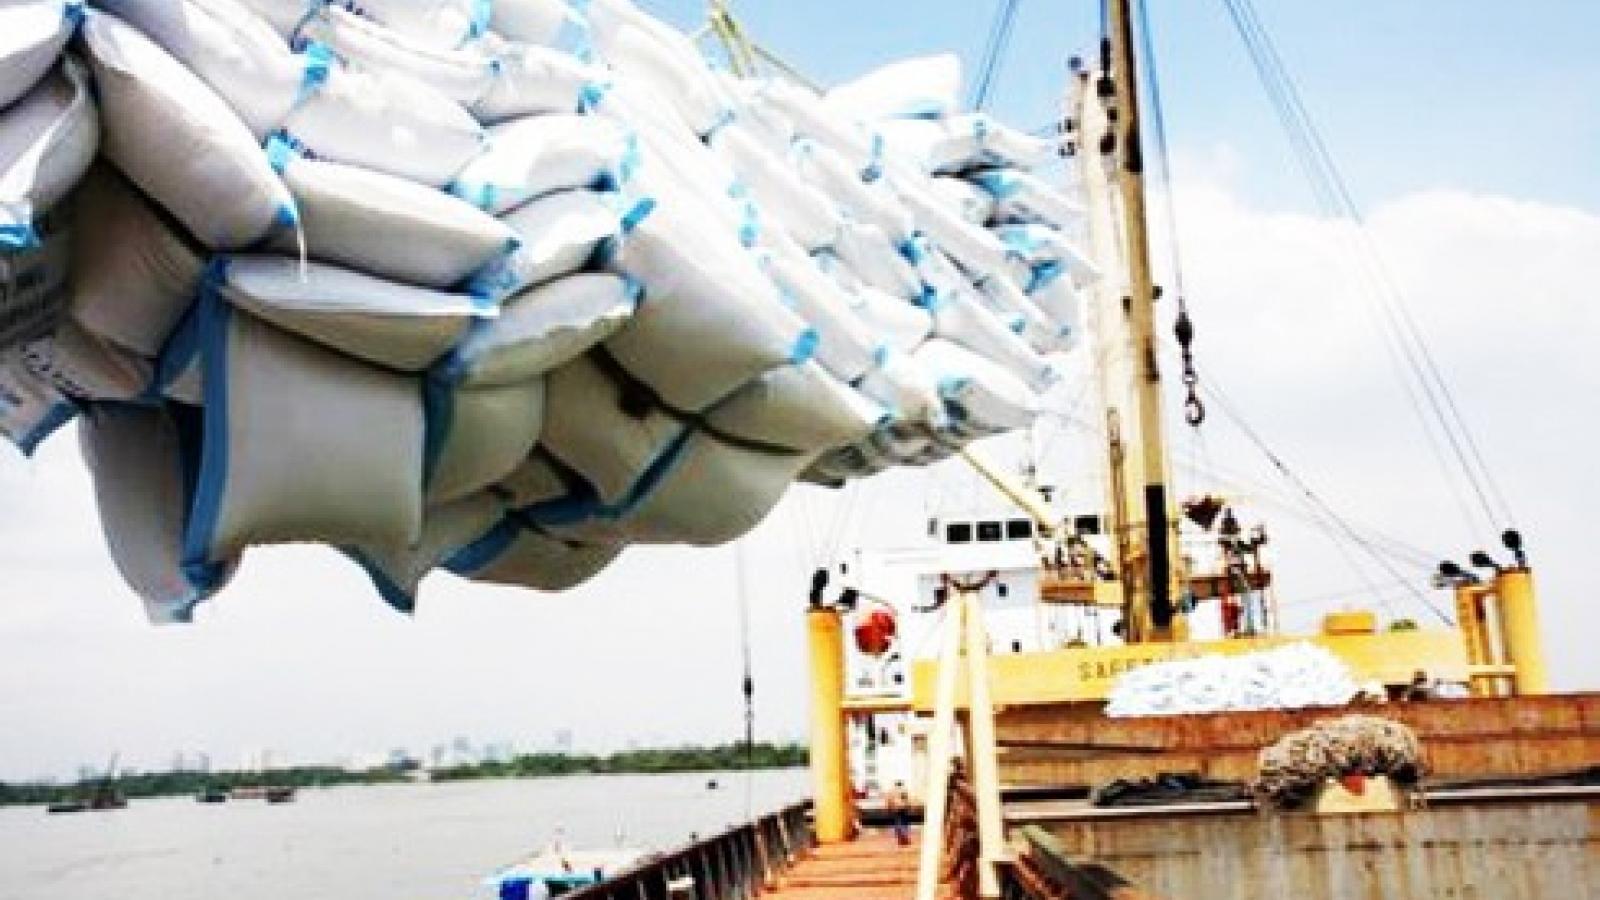 Mục tiêu xuất khẩu 6,7 triệu tấn gạo năm 2020 có thể sẽ cán đích